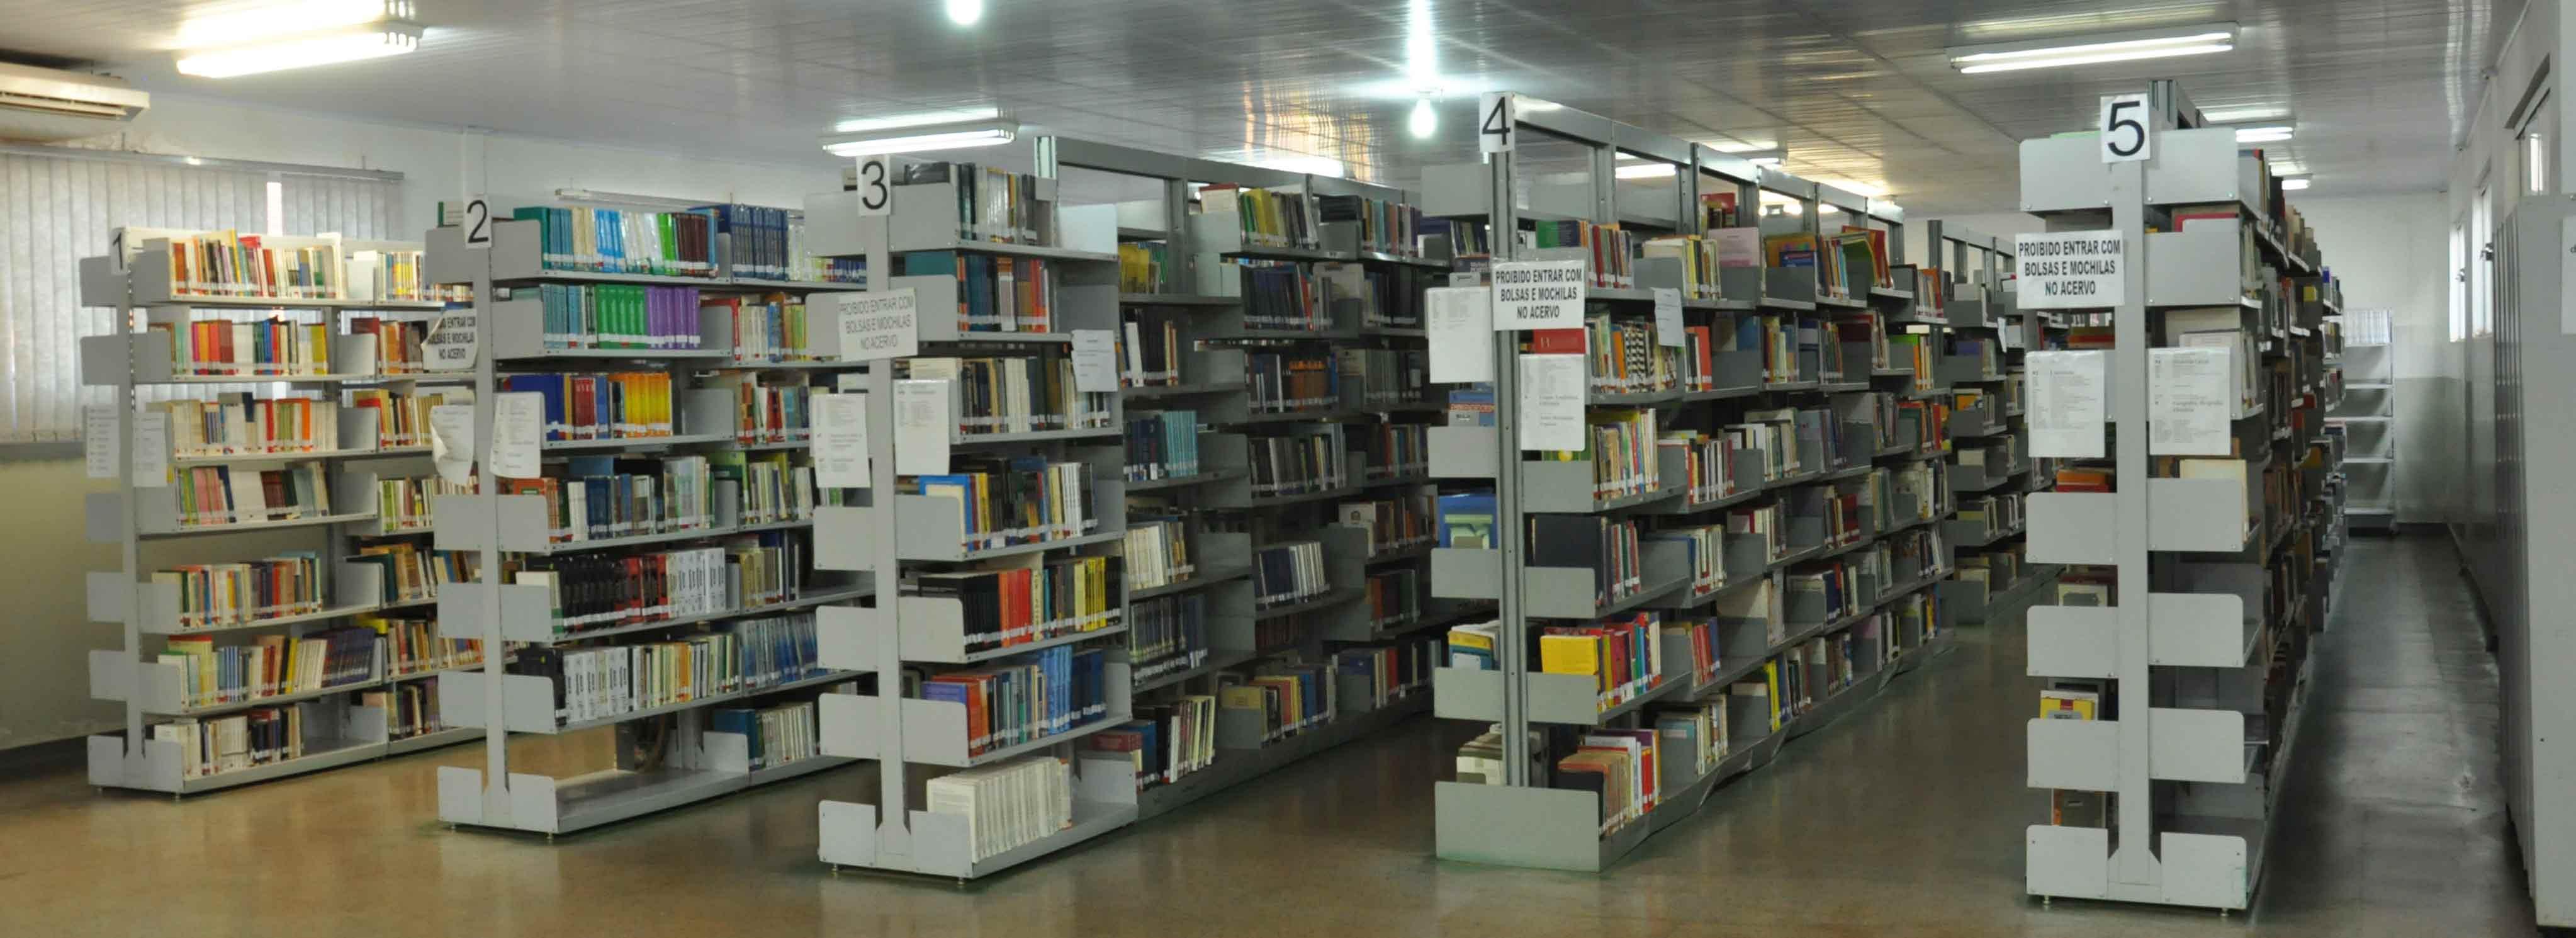 Informativo III sobre a Aquisição de Livros para o Campus de Tangará da Serra